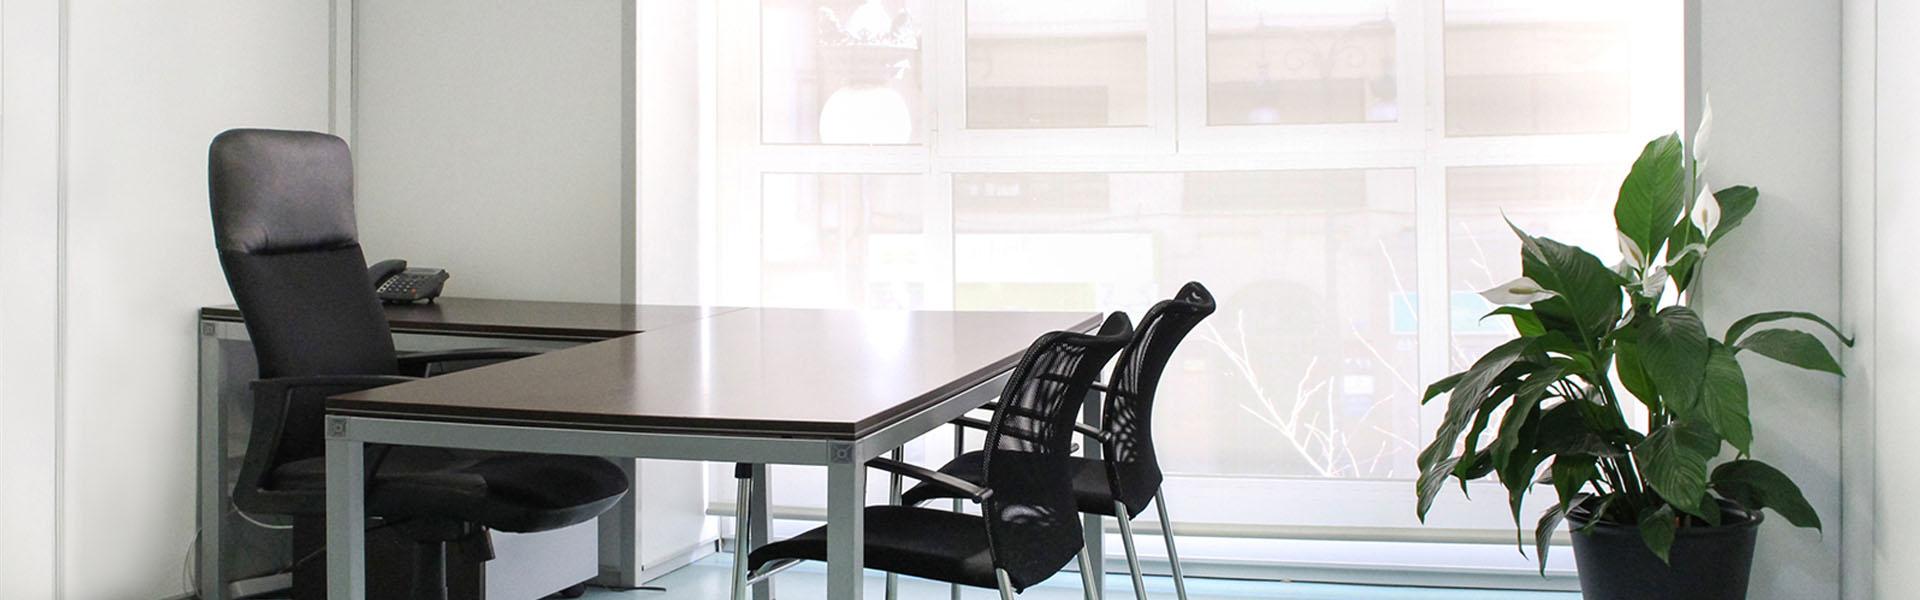 Alquiler de despachos y oficinas en en centro de valencia for Despachos y oficinas